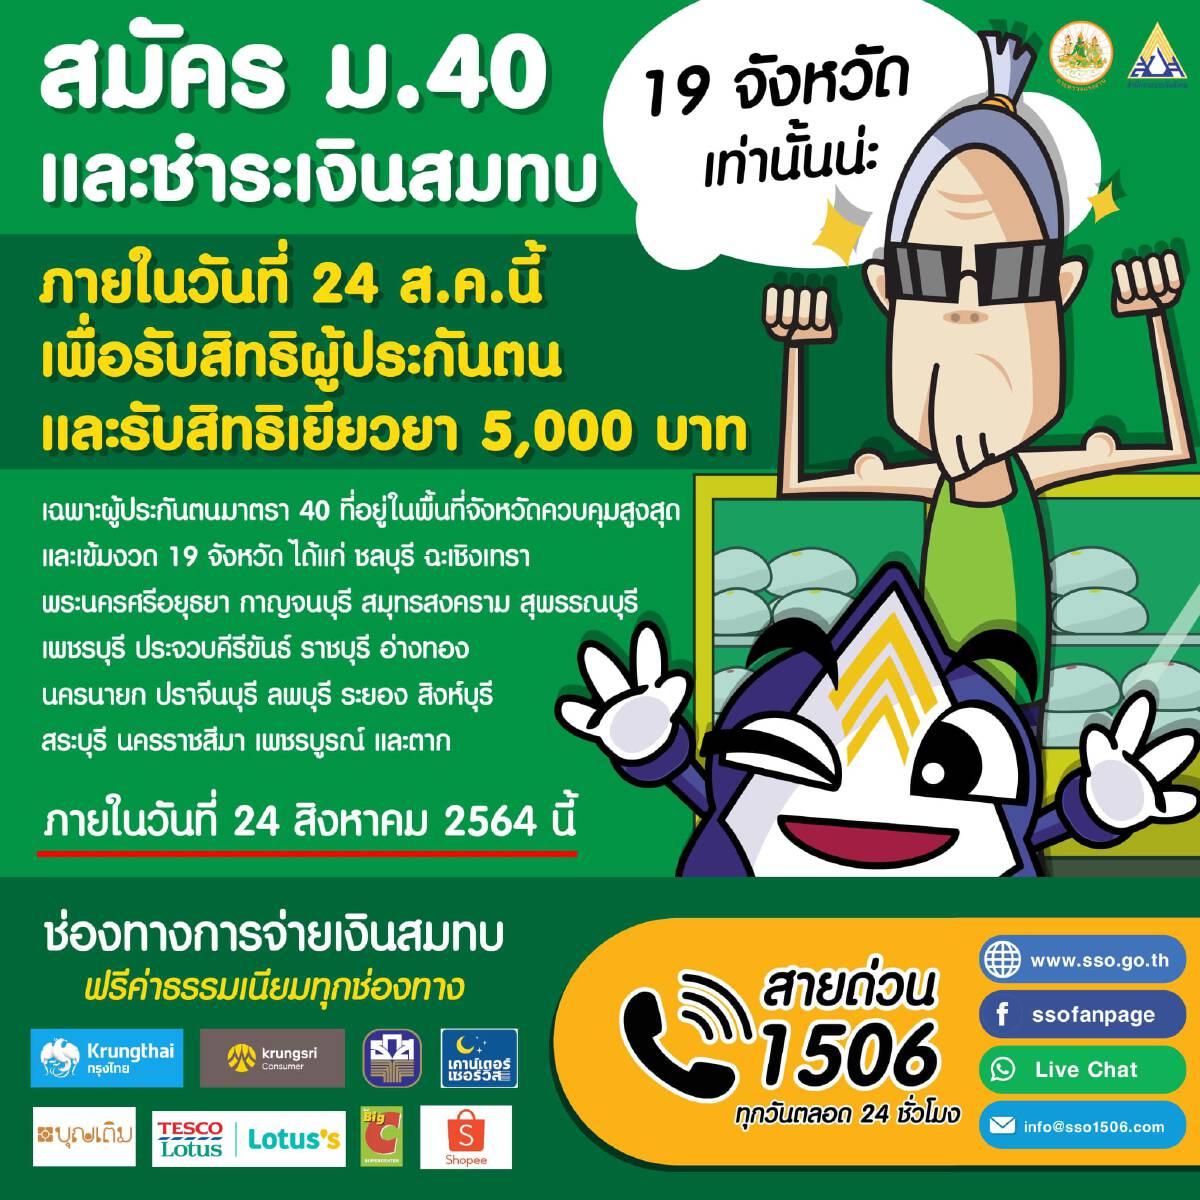 www.sso.go.th ประกันสังคมมาตรา 40 เงินเยียวยา รอตรวจสอบสิทธิ์ หลัง 7